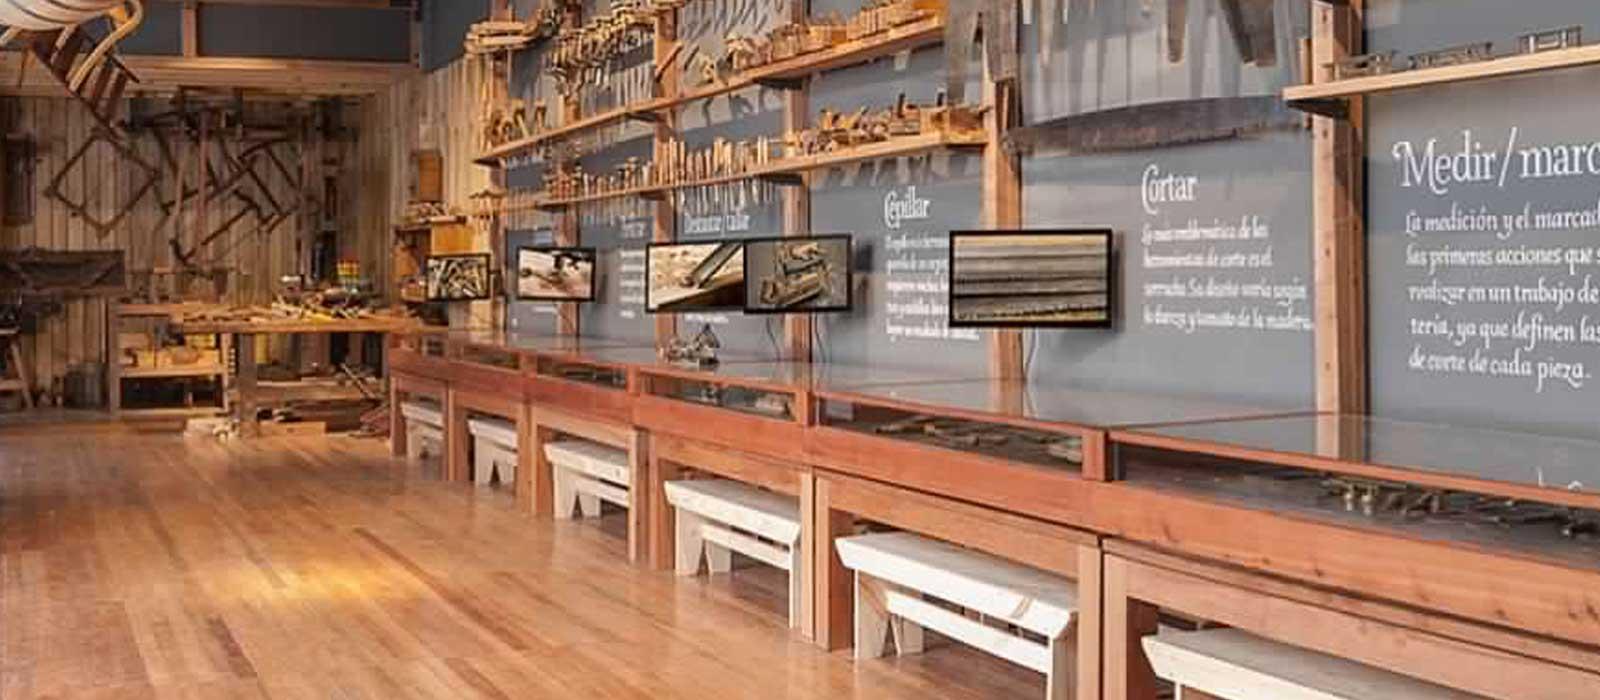 Visita con tus alumnos el Museo Taller